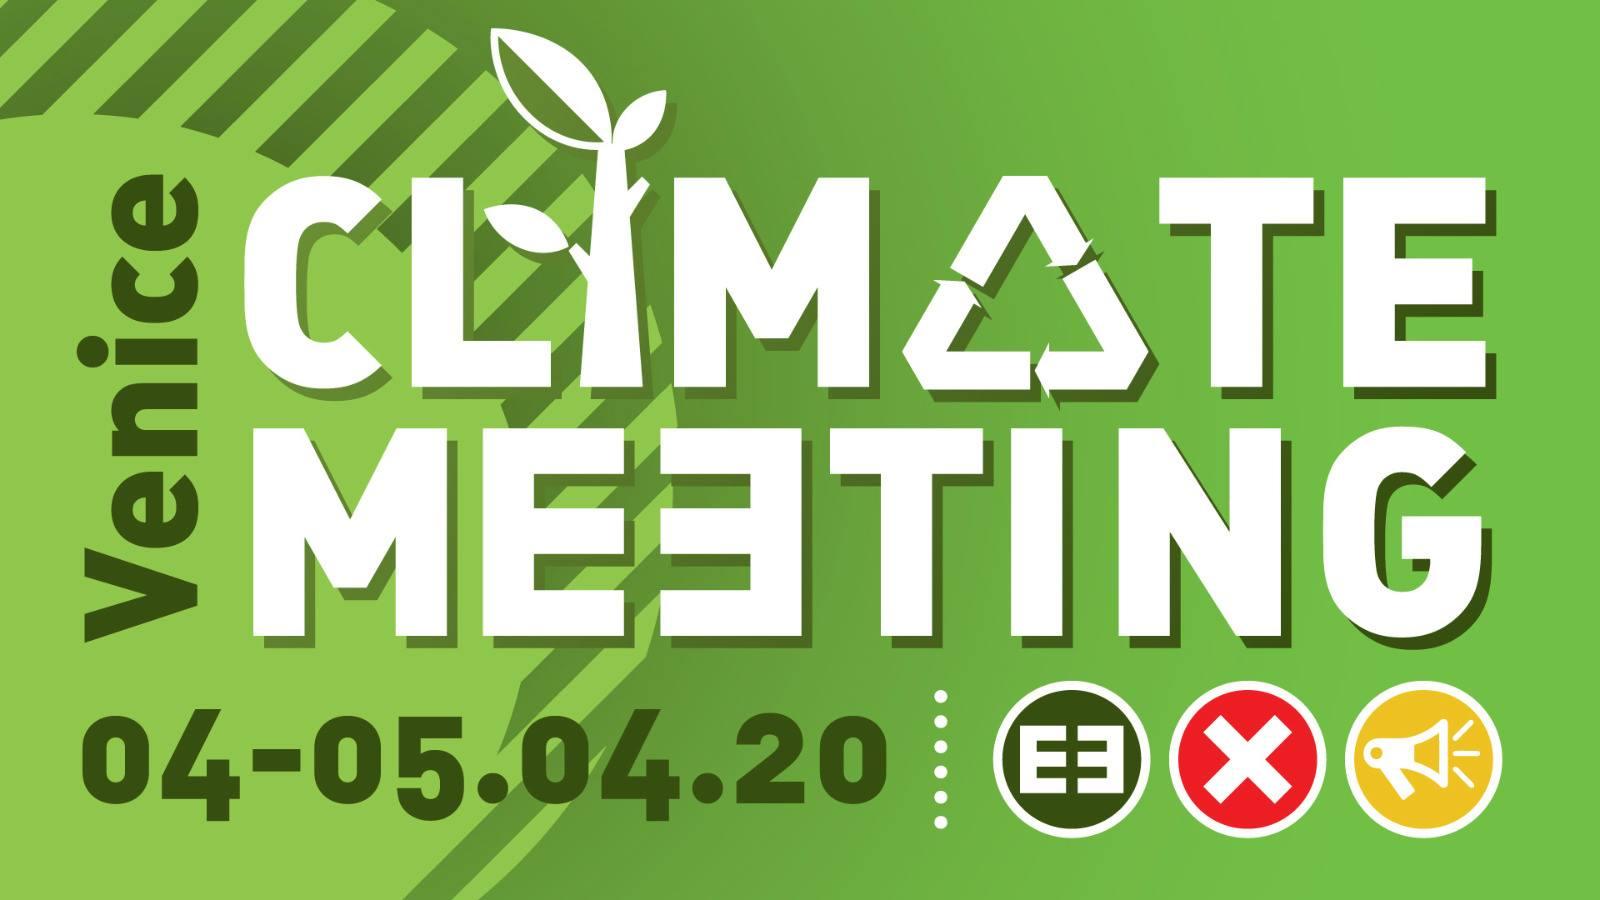 VENEZIA: 04-05 APRILE. MEETING E CORTEO PER LA GIUSTIZIA CLIMATICA E CONTRO LE GRANDI OPERE